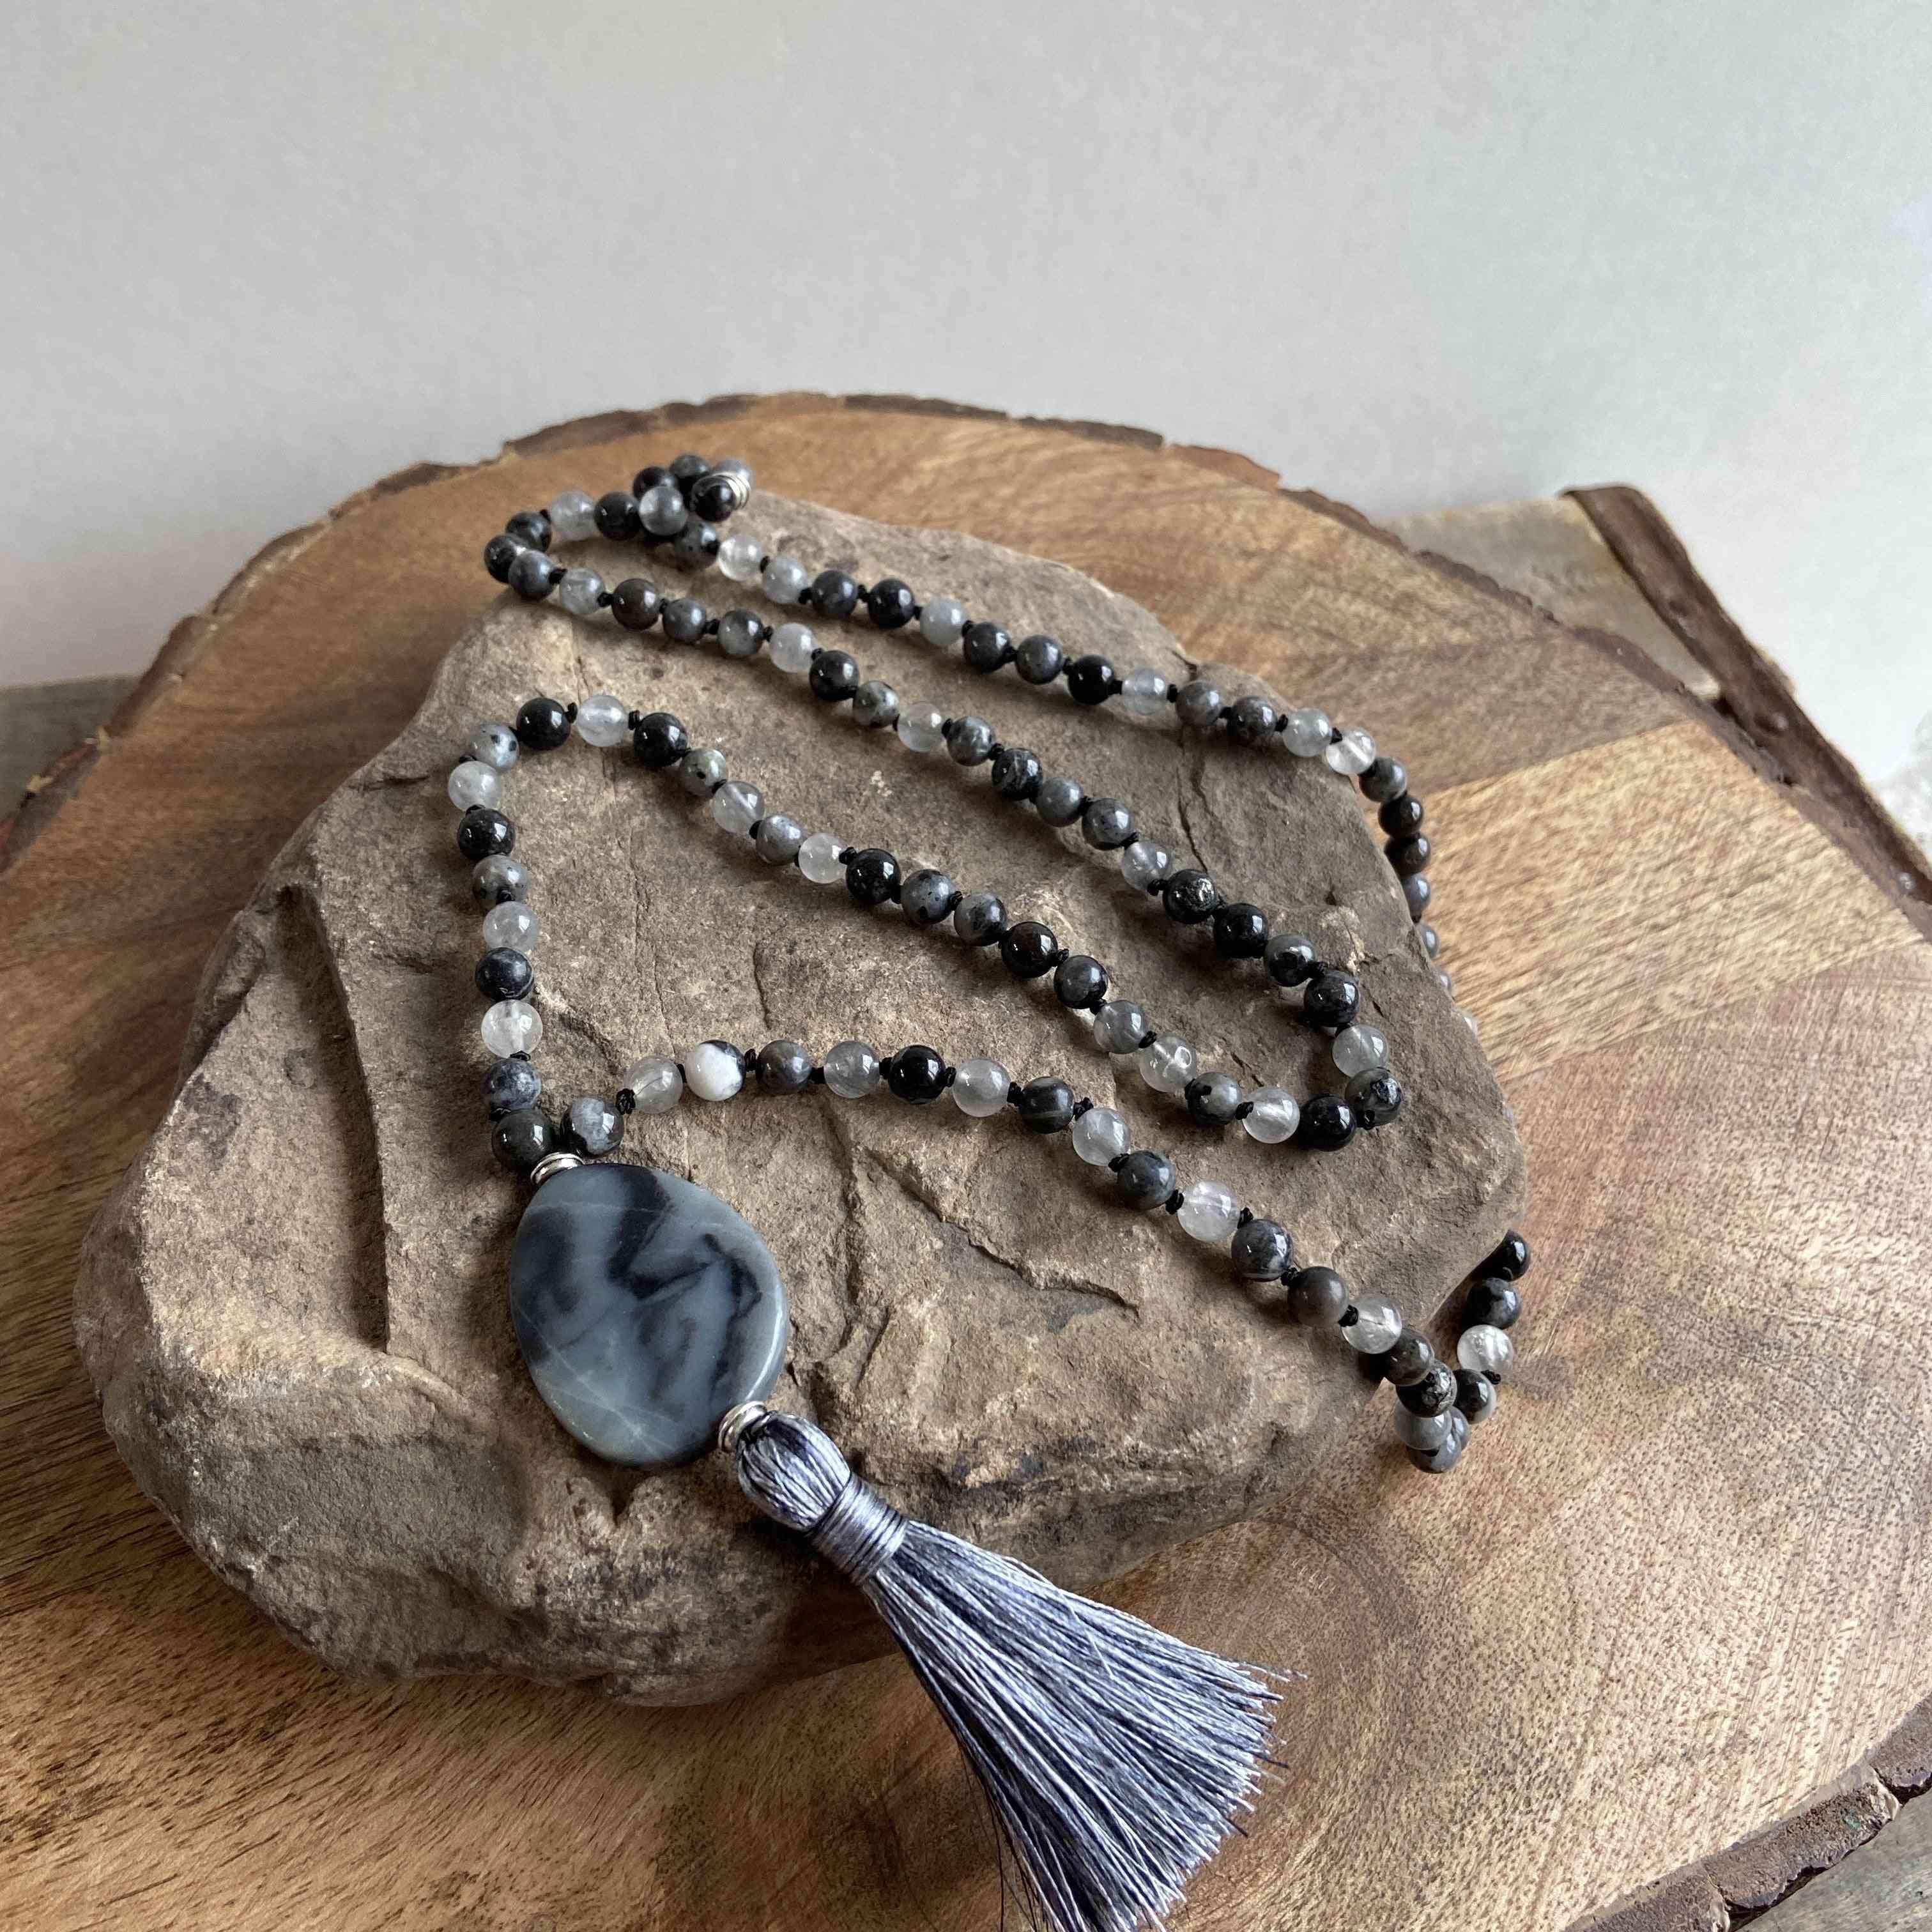 108 Beads Mala